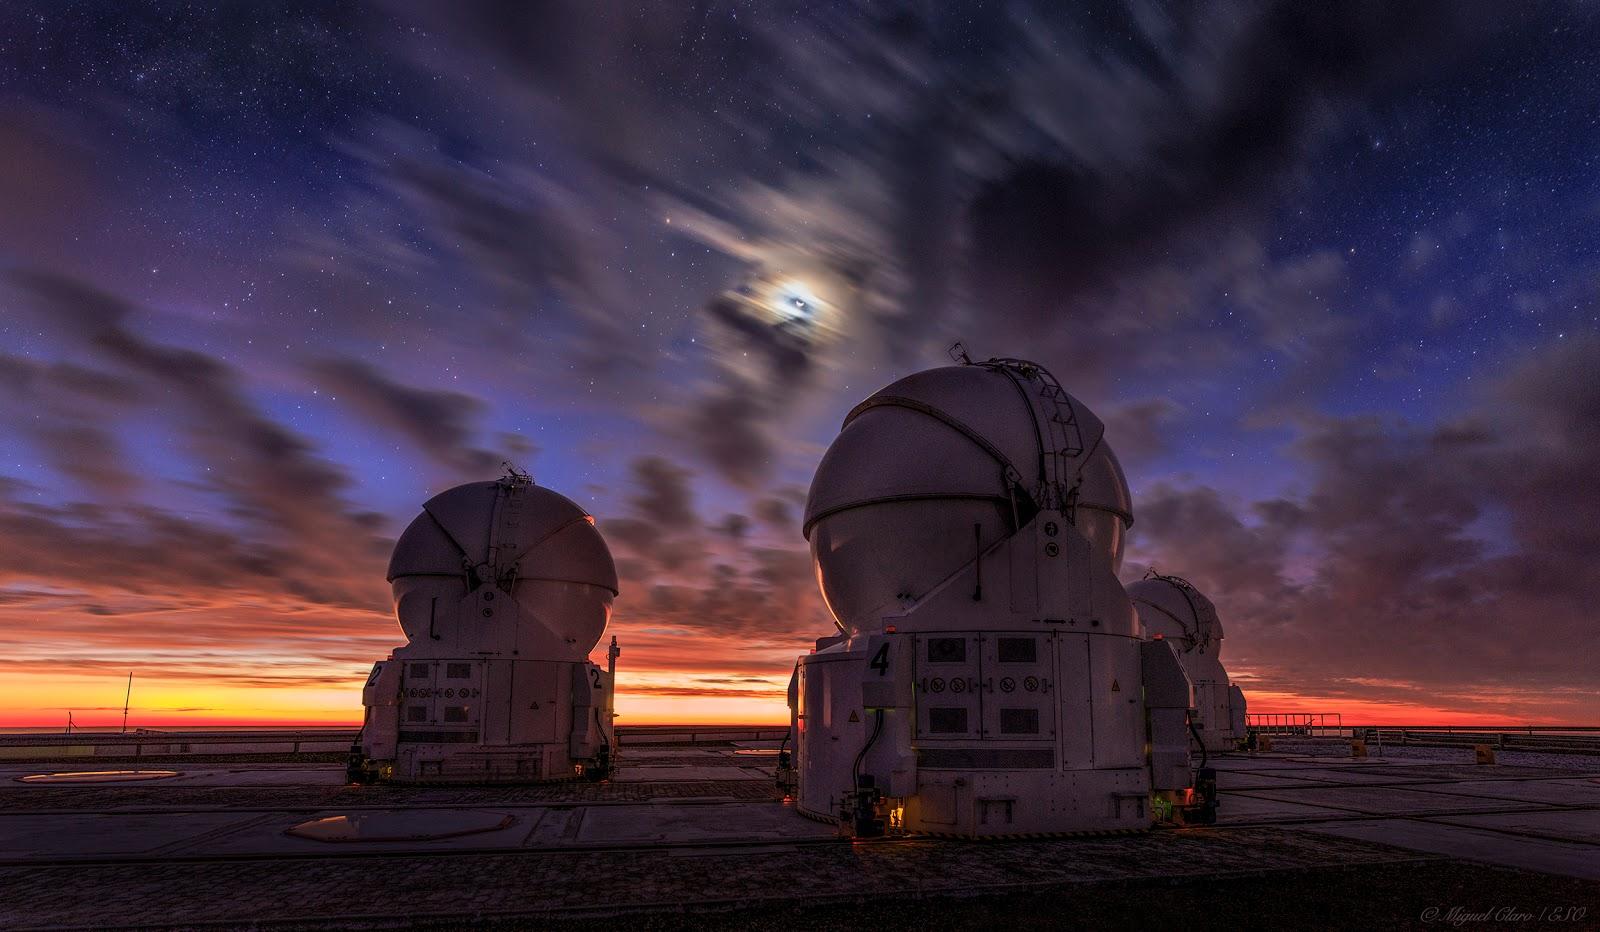 Quầng Mặt Trăng trên bầu trời hoàng hôn ở Paranal. Tác giả : Miguel Claro.